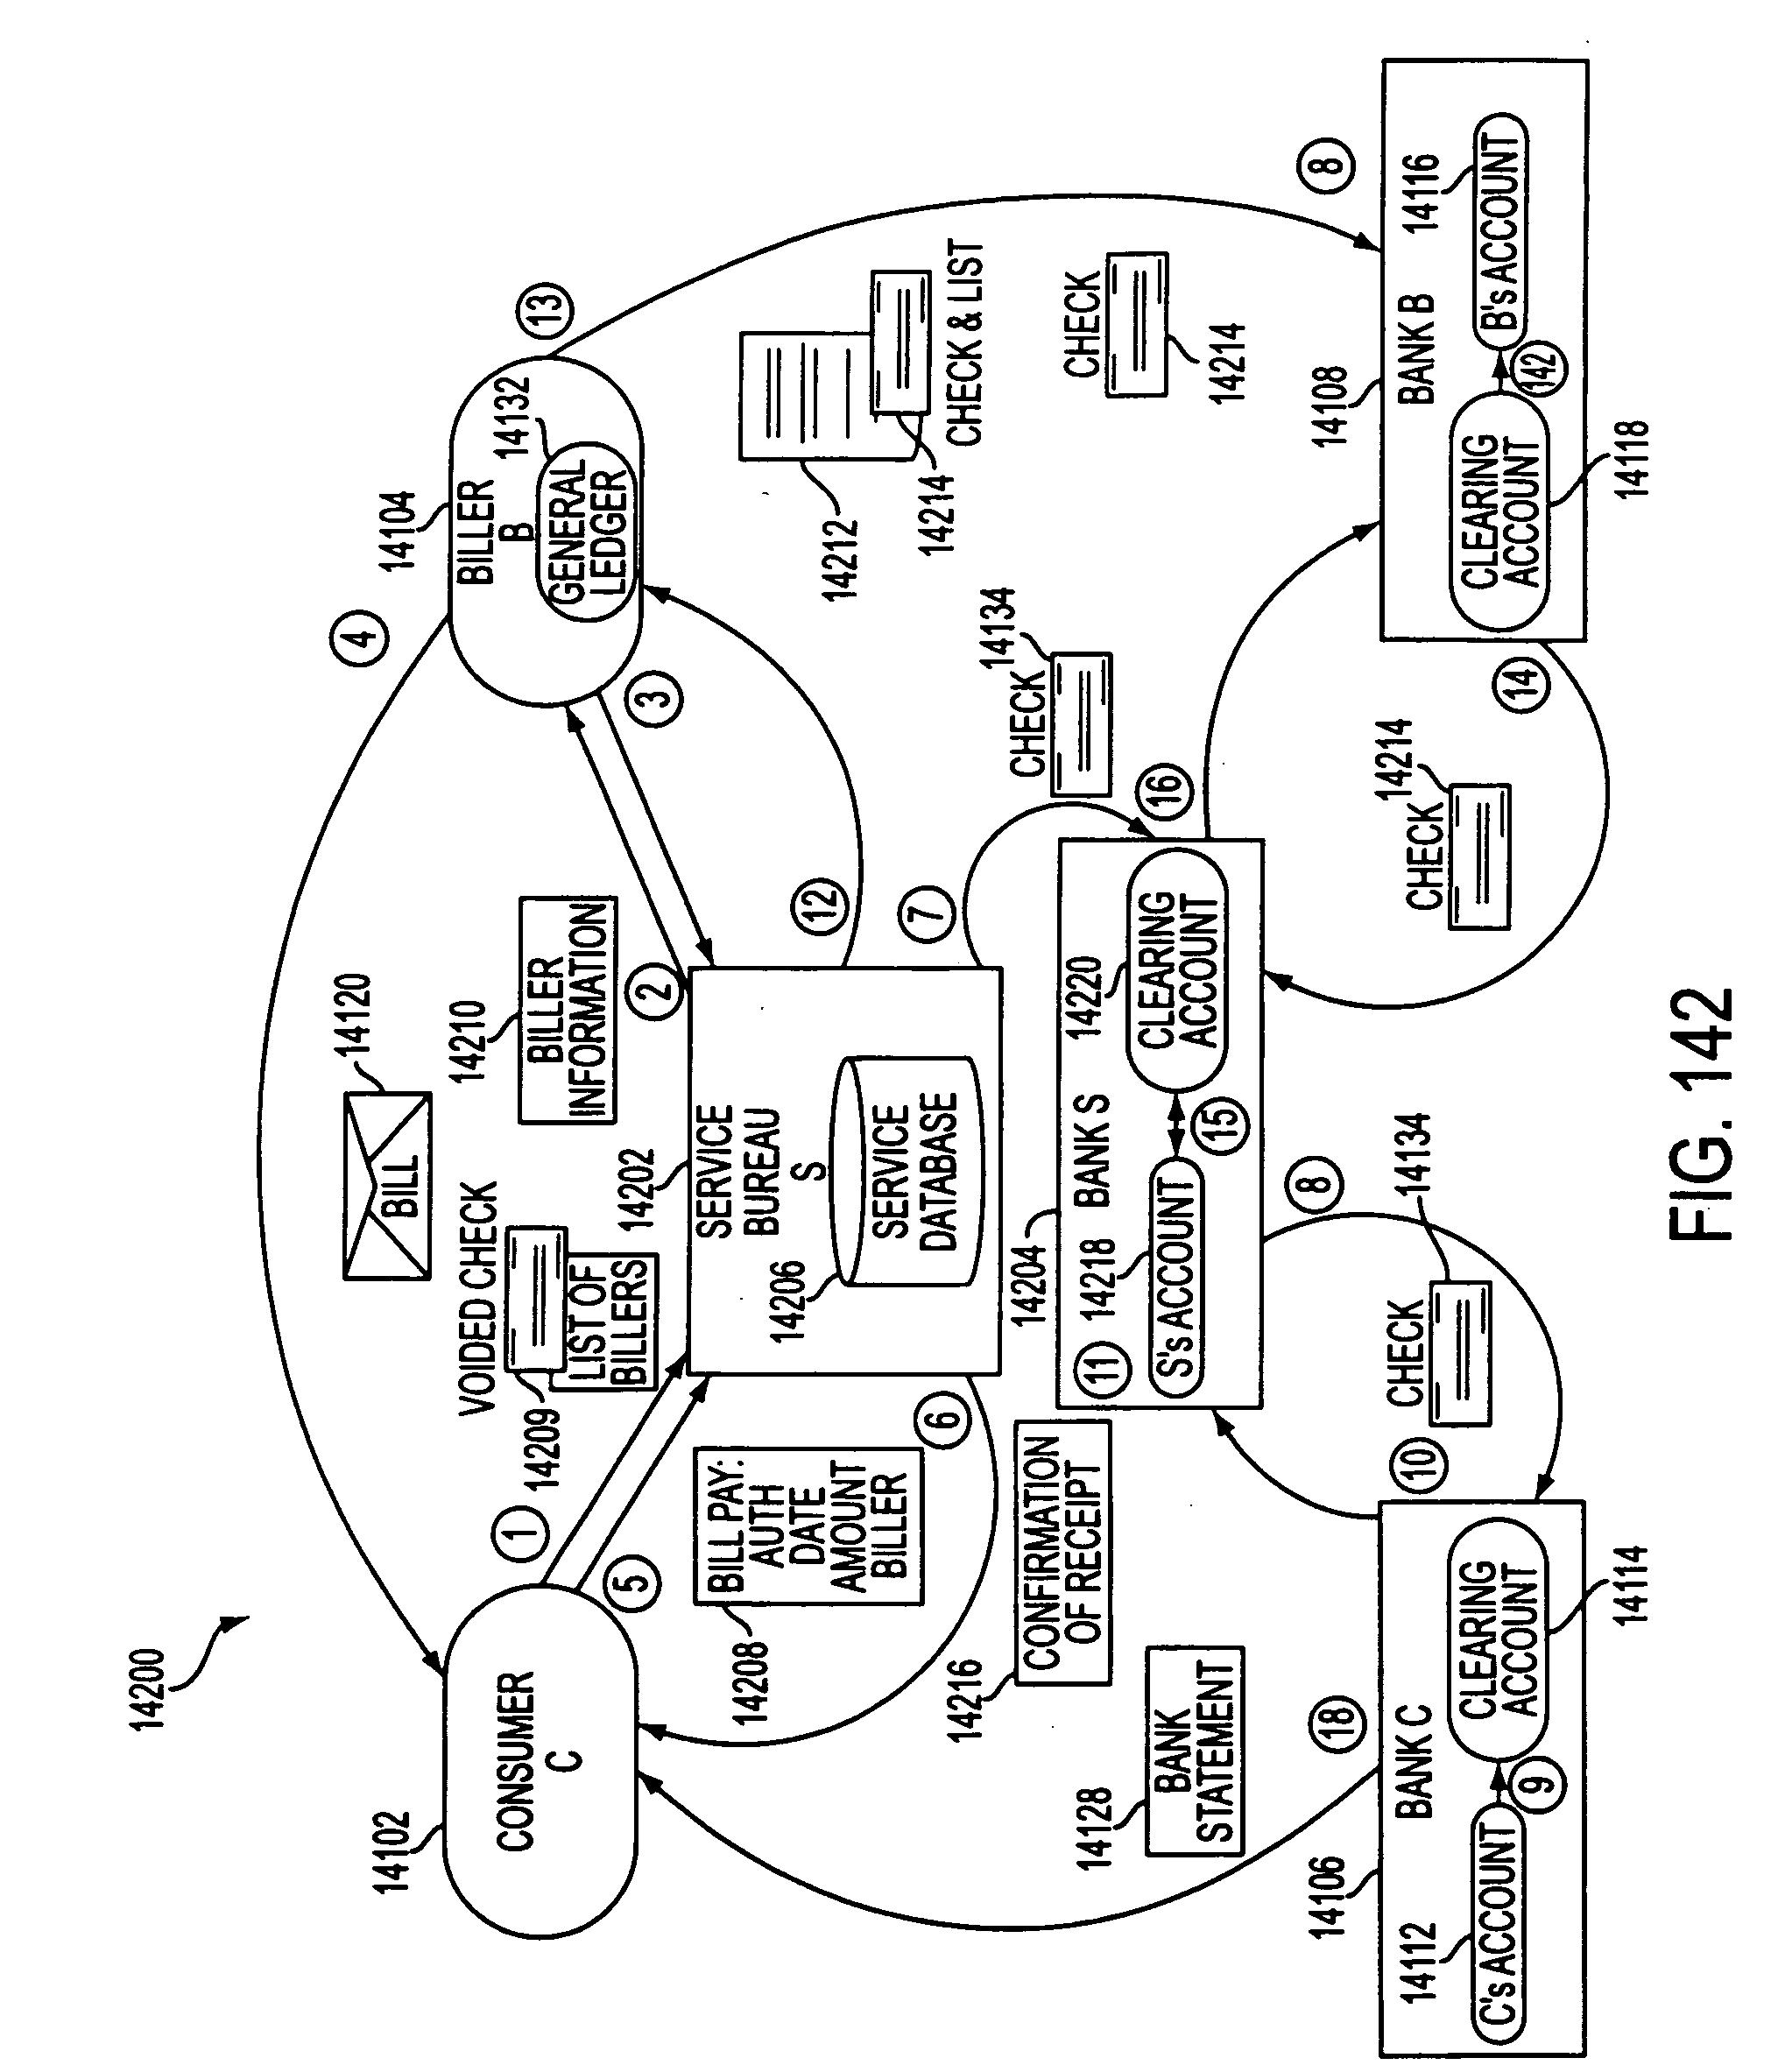 patent us 20040064351a1 ETL Architecture Diagram patent images